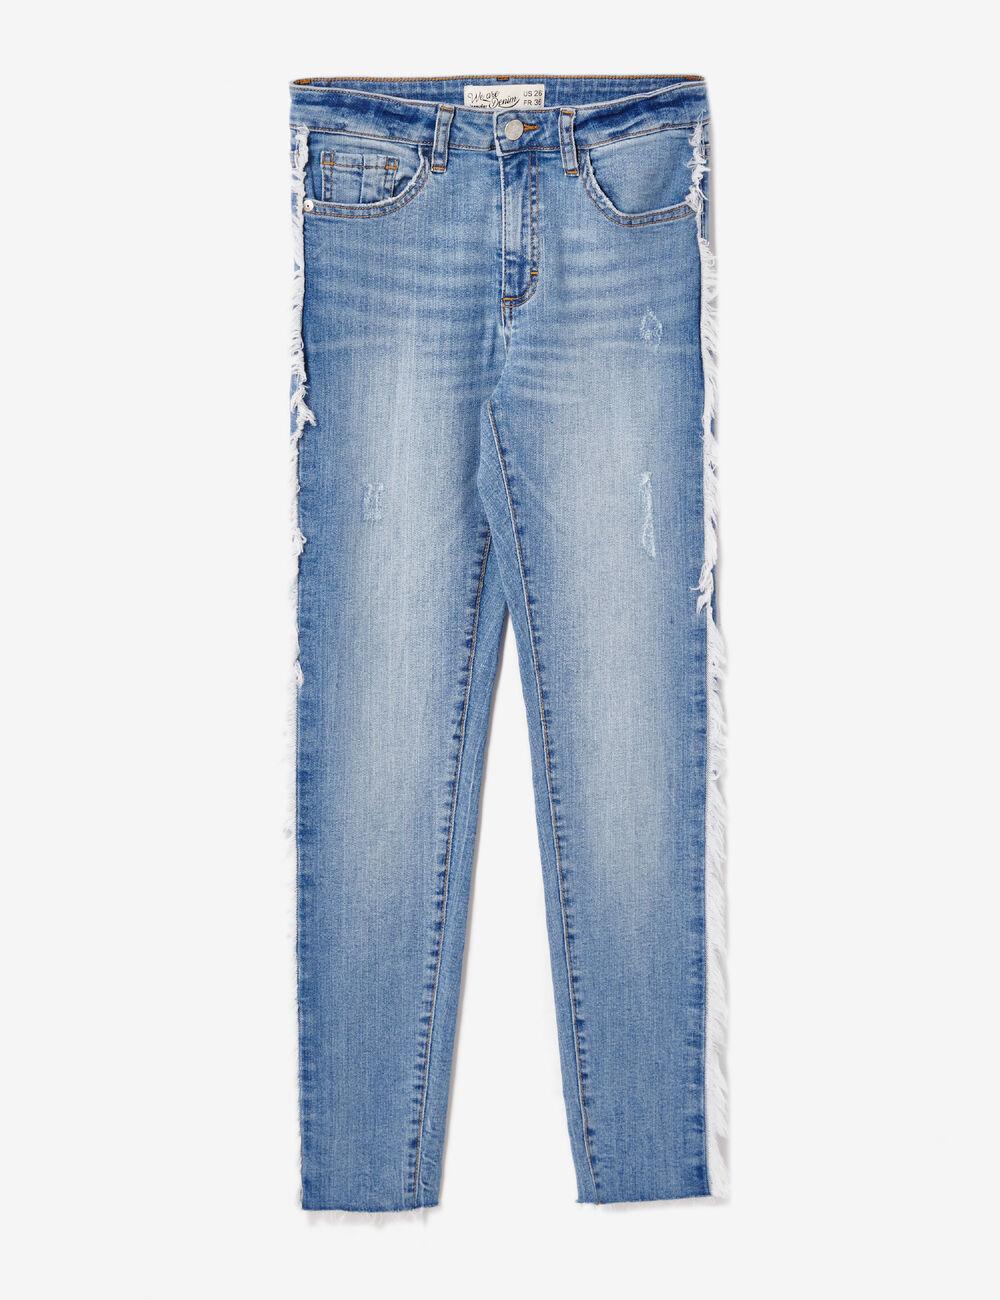 jean avec franges bleu clair femme jennyfer. Black Bedroom Furniture Sets. Home Design Ideas